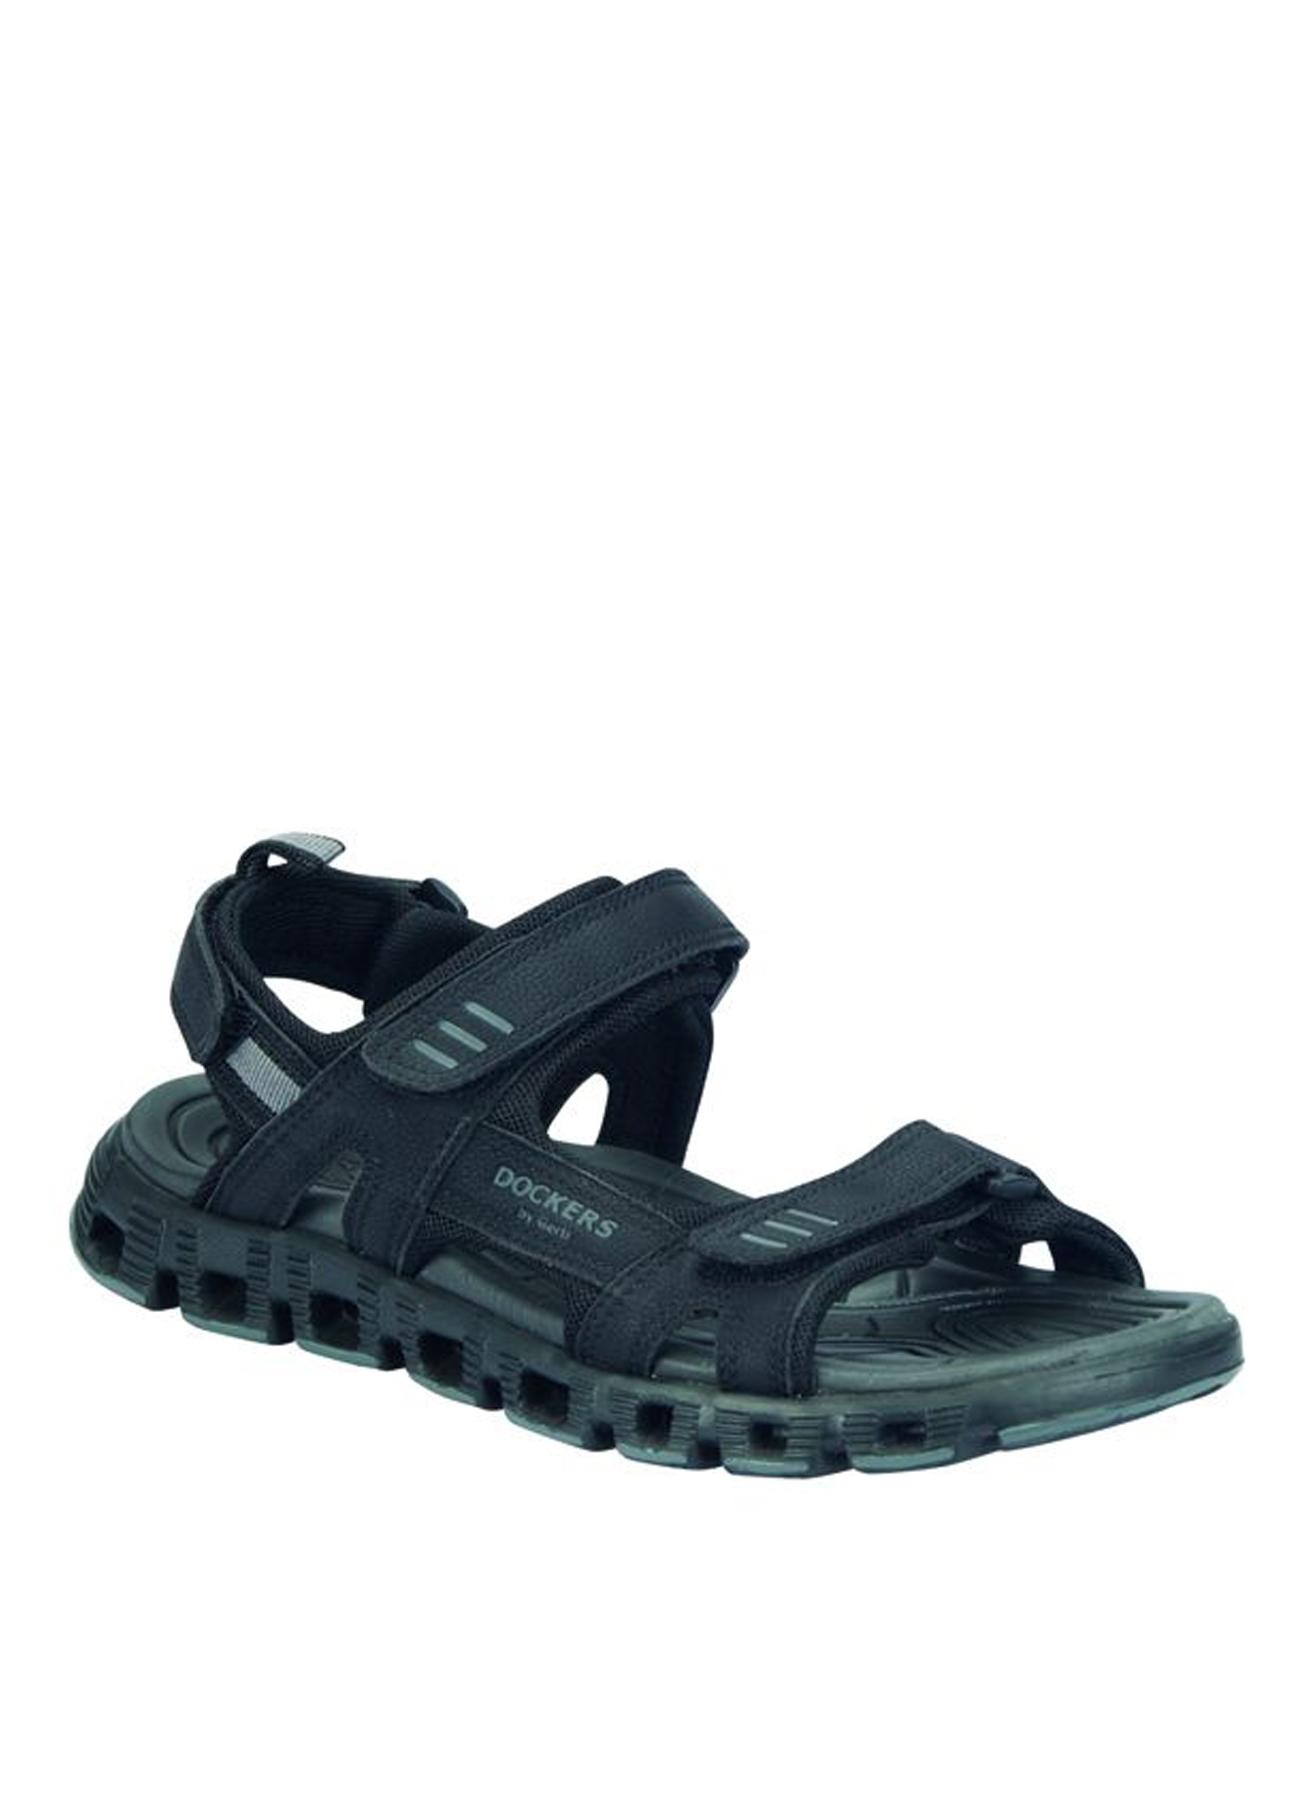 Dockers Cırtlı Siyah Sandalet 43 5000205802004 Ürün Resmi